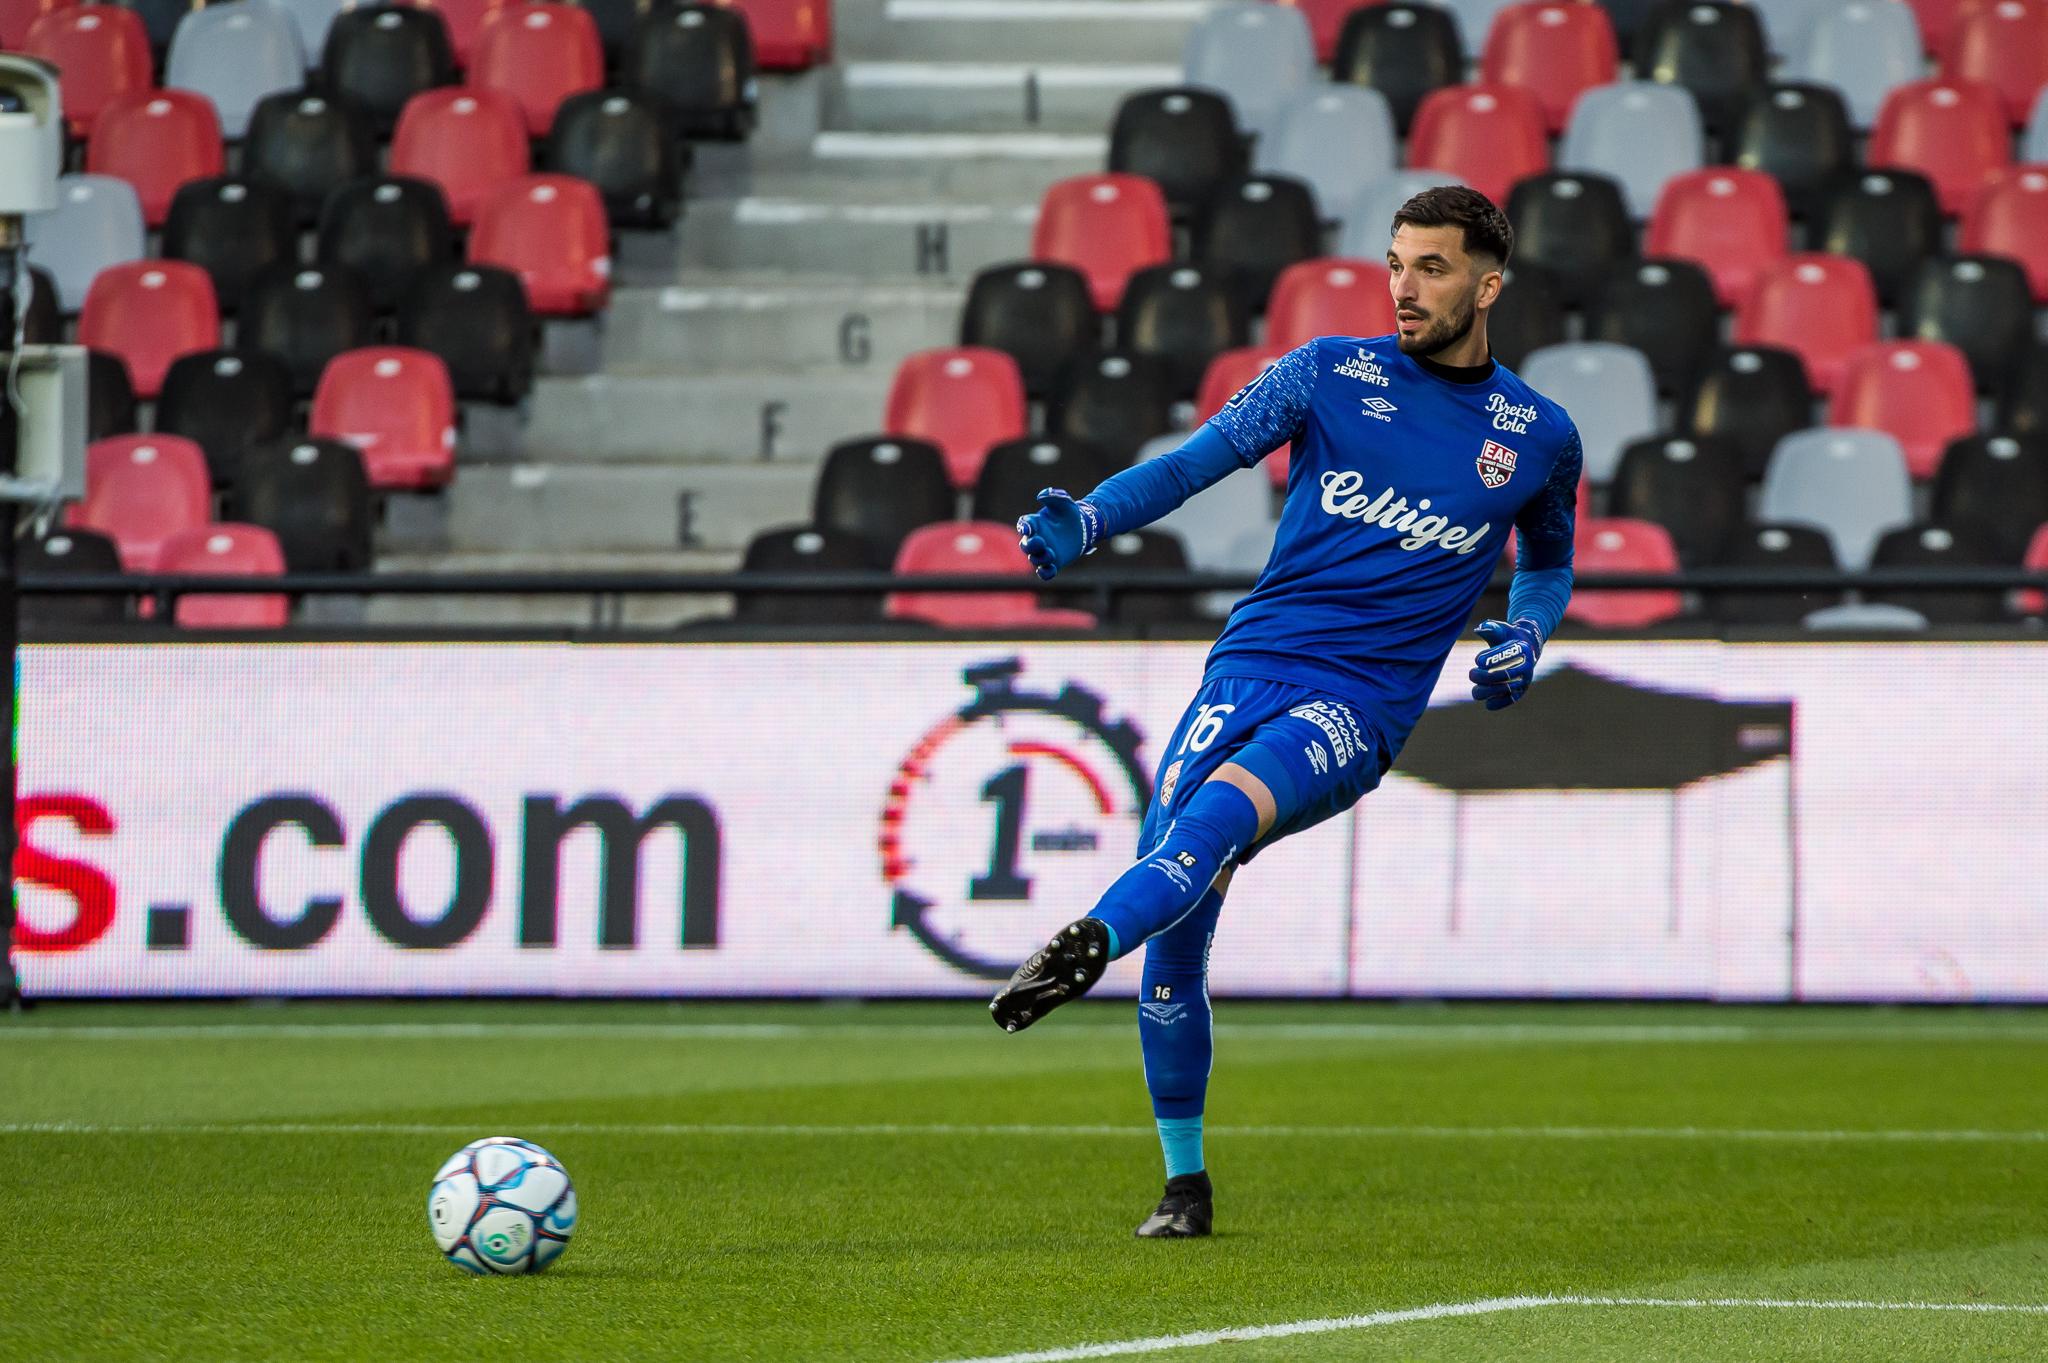 EA Guingamp La Berrichonne Châteauroux J37 Ligue 2 BKT EAGLBC 2-0 Stade de Roudourou FRA_5532